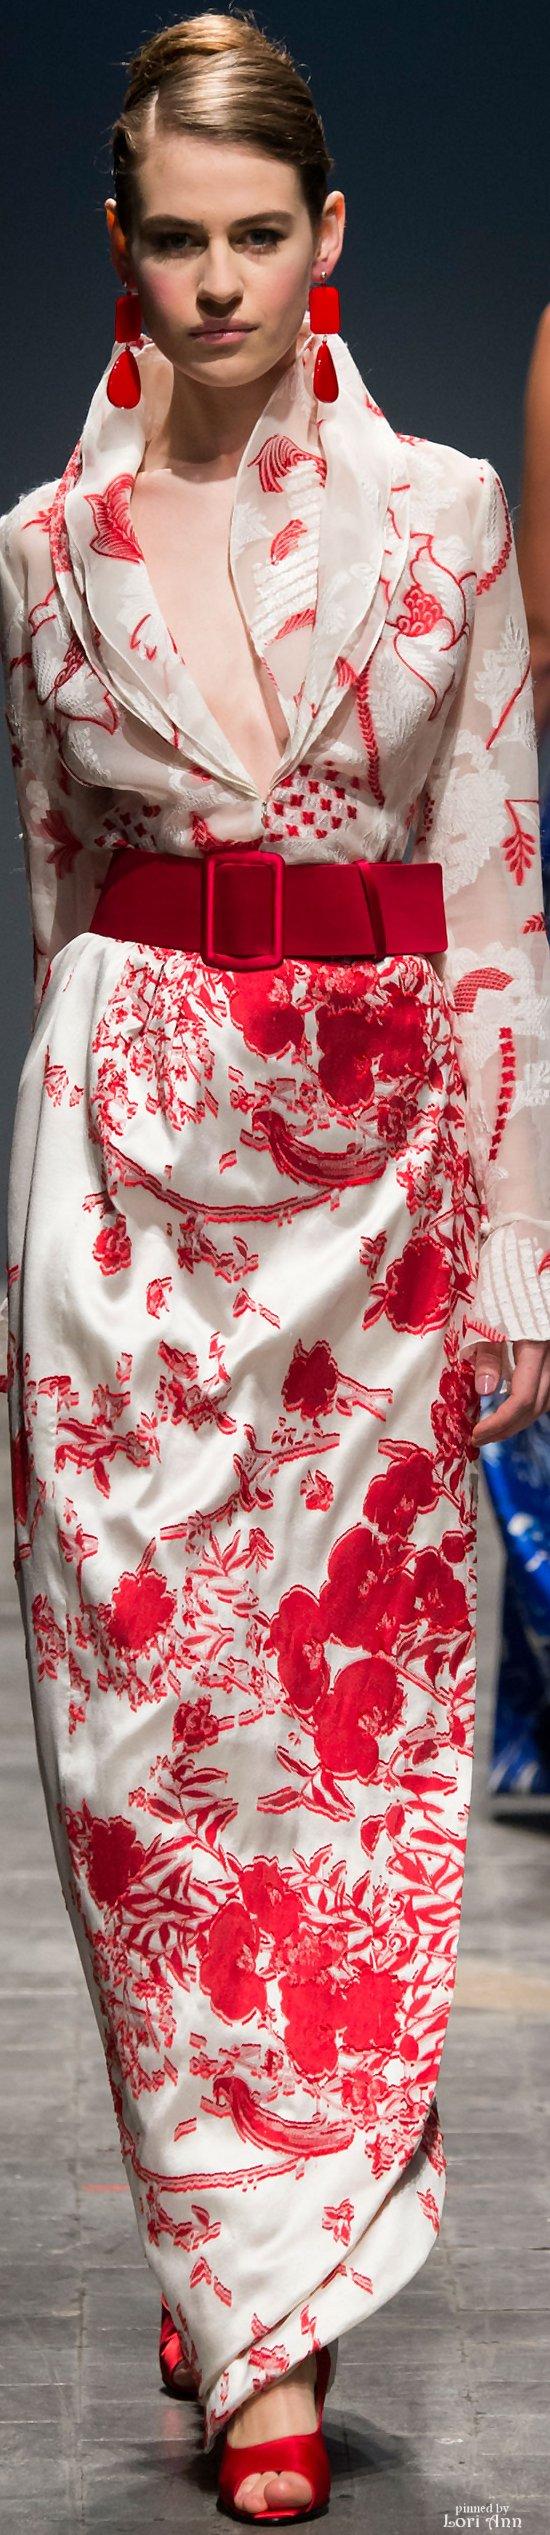 CREMA Y ROJO....❤ | Rouge | Pinterest | Rojo, Vestido largo y ...